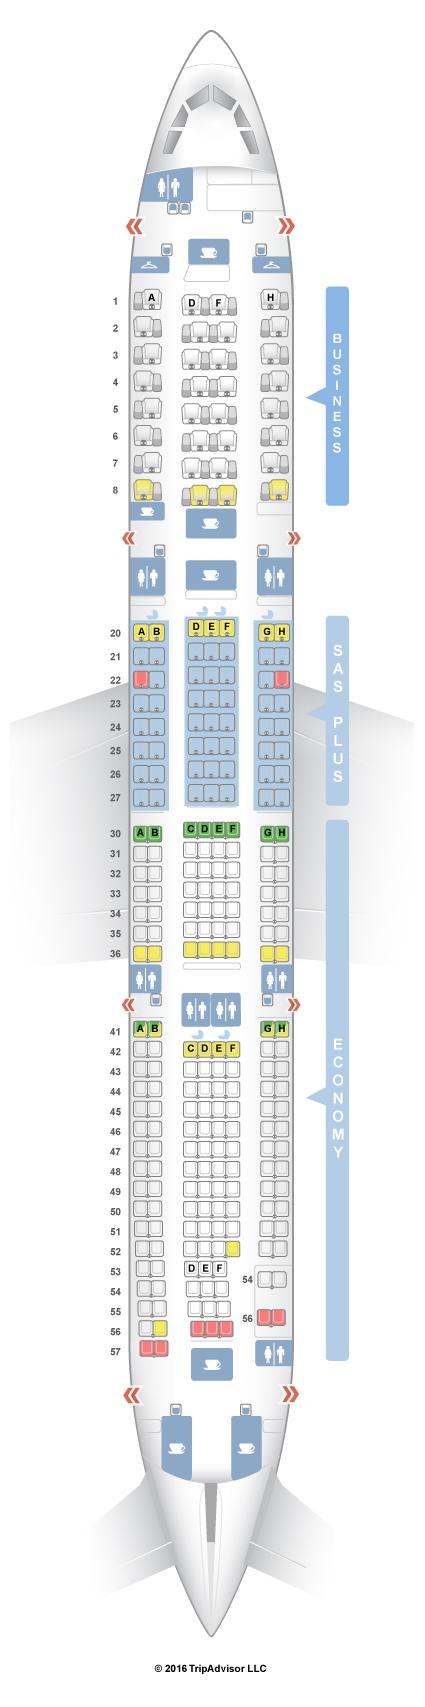 Seatguru Seat Map Sas